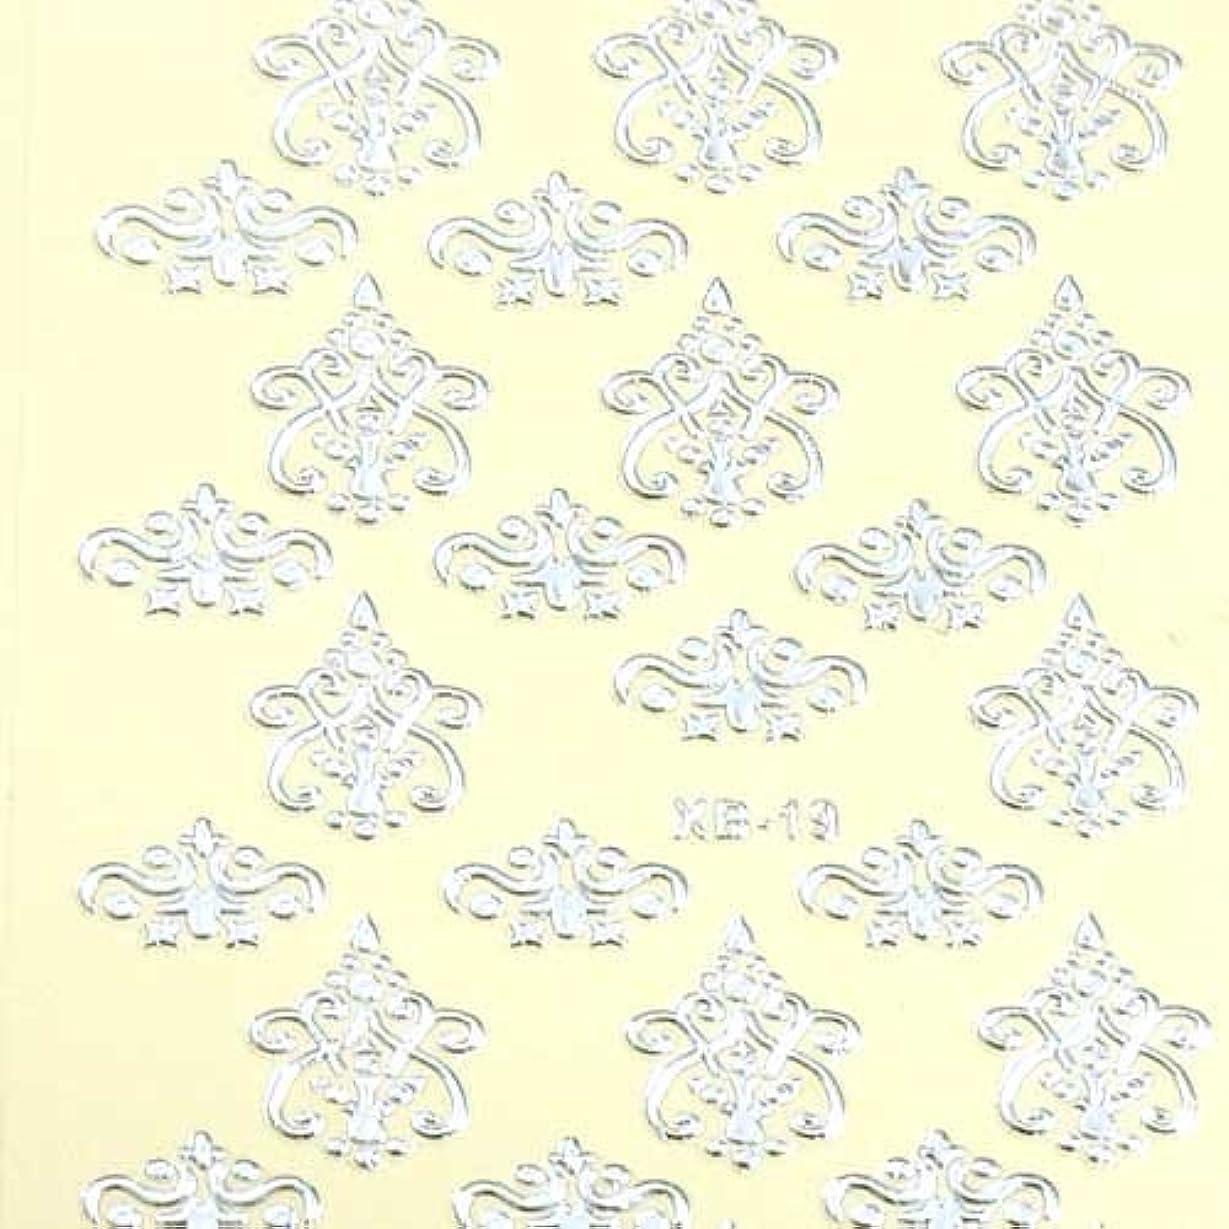 虫アラスカ副詞貼るだけ!簡単!ネイルシートH☆15種類?【シルバー】ネイルシール (126)